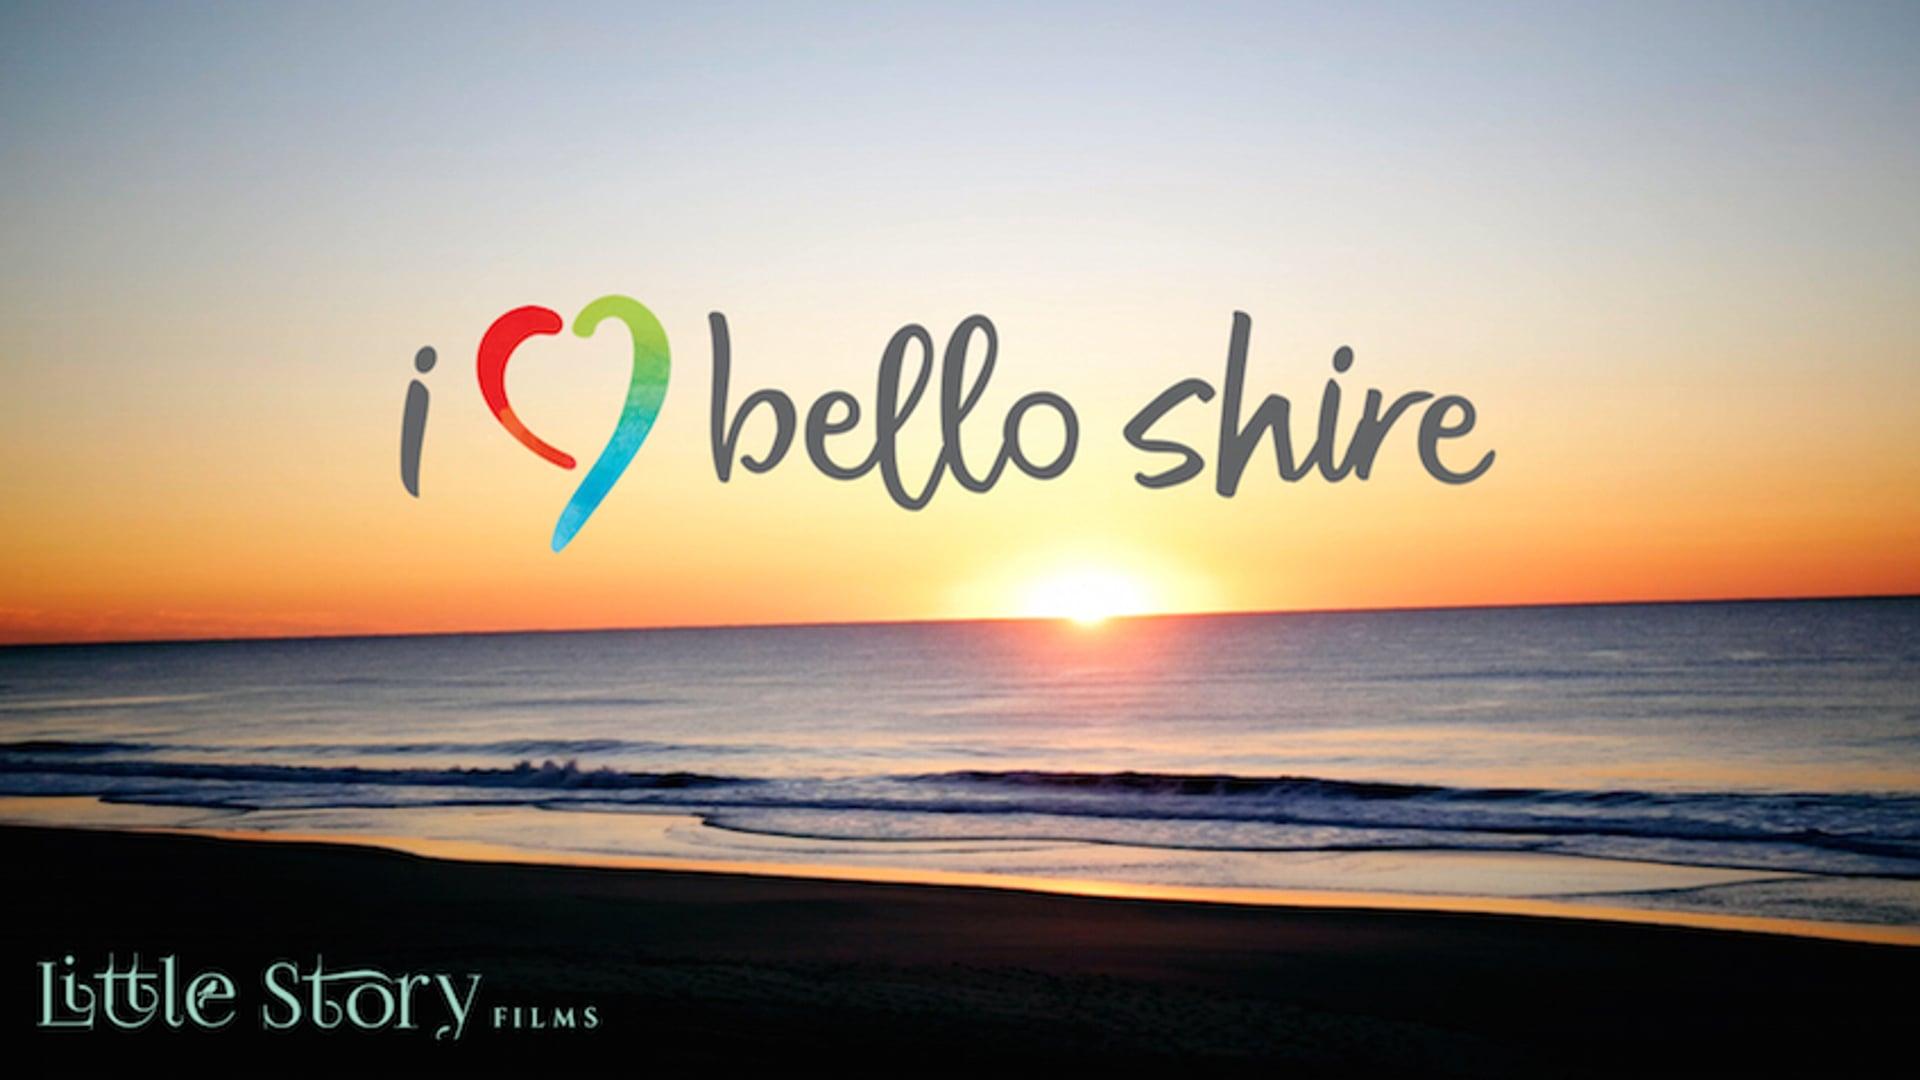 I Love Bello Shire